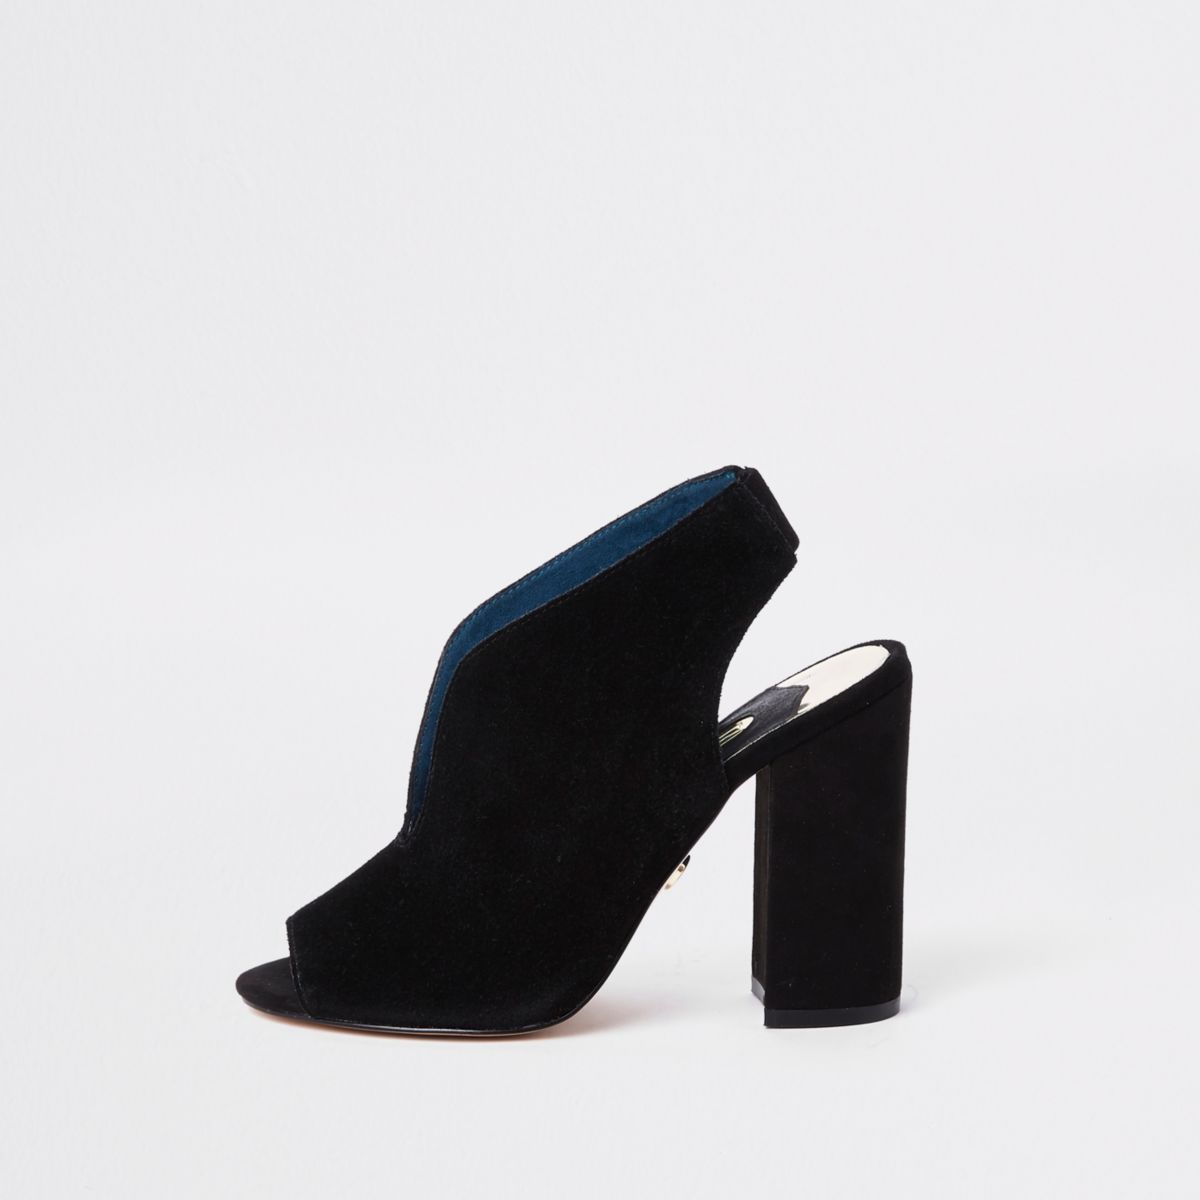 Schwarze Shoe Boots aus Wildleder, weite Passform